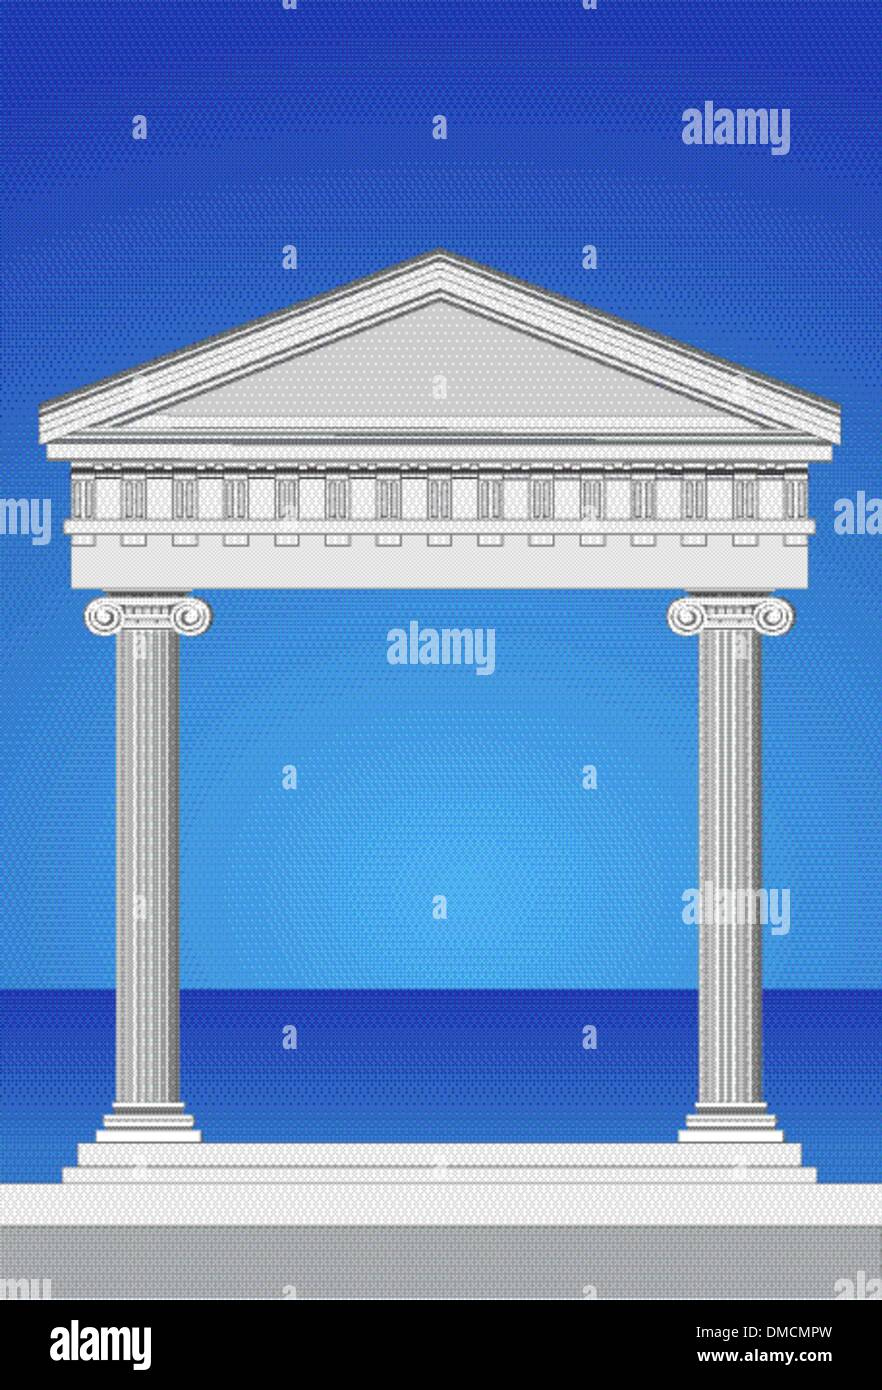 Antique Temple Facade - Stock Vector